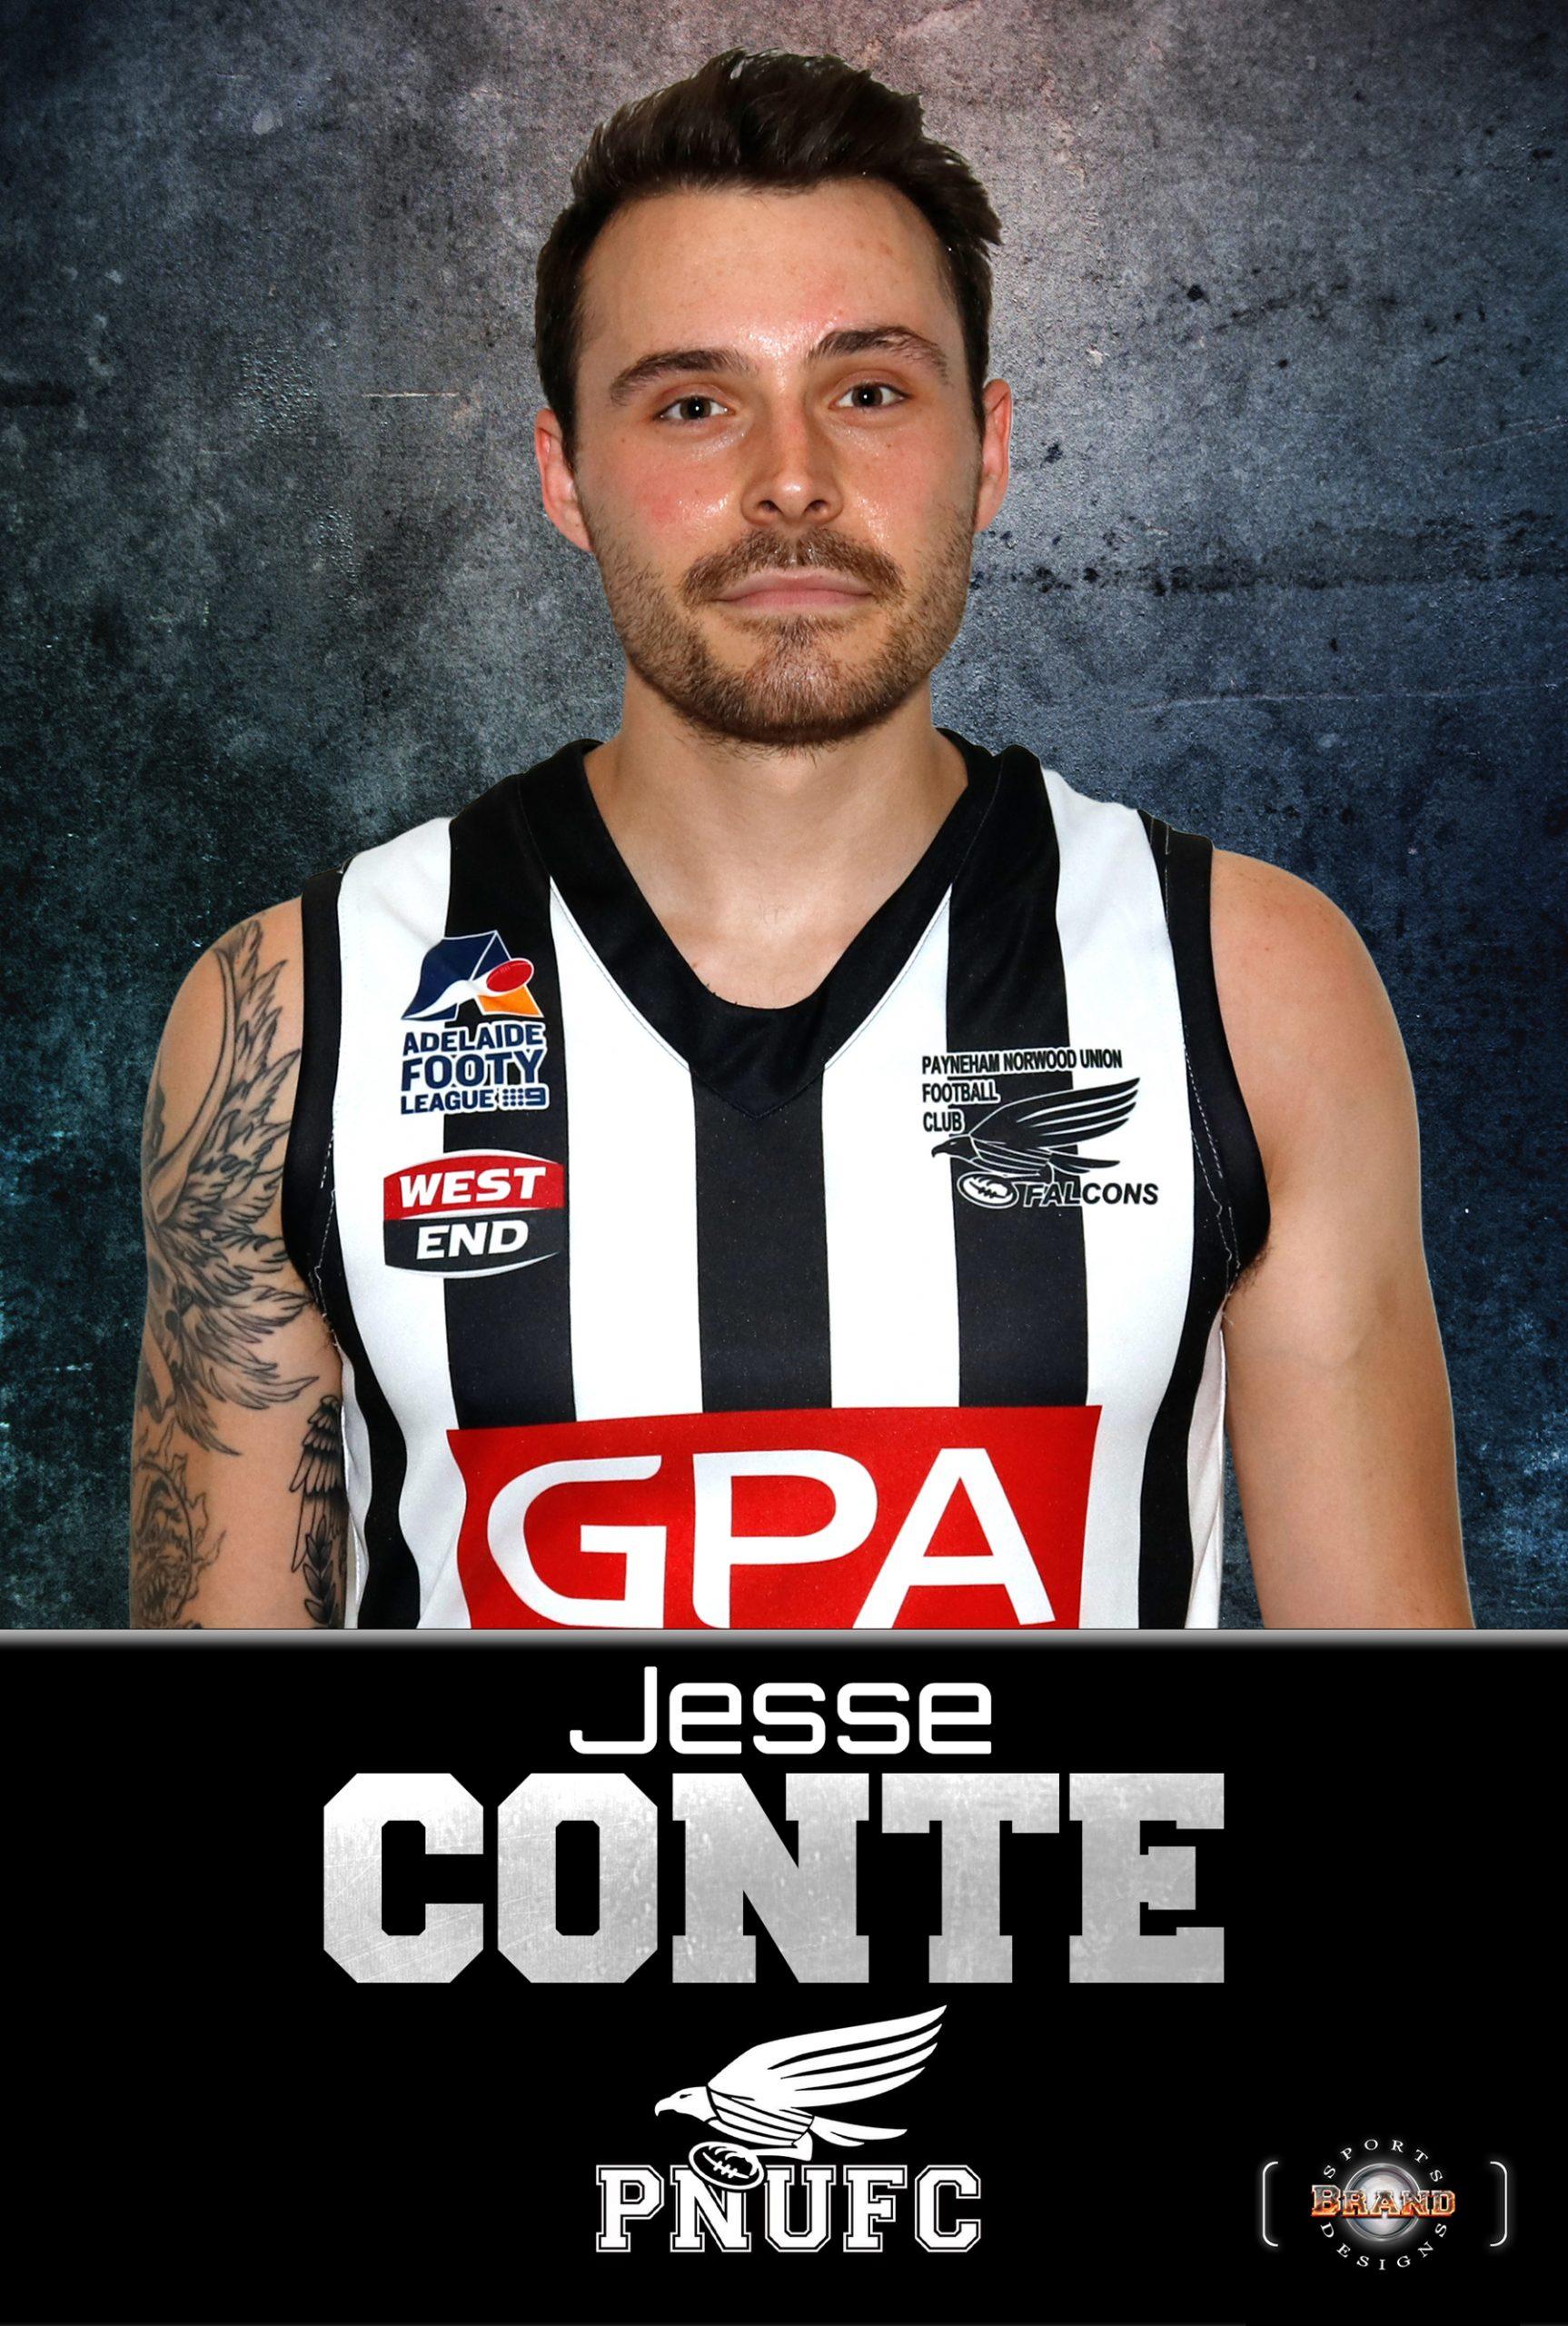 Jesse Hurricane Conte